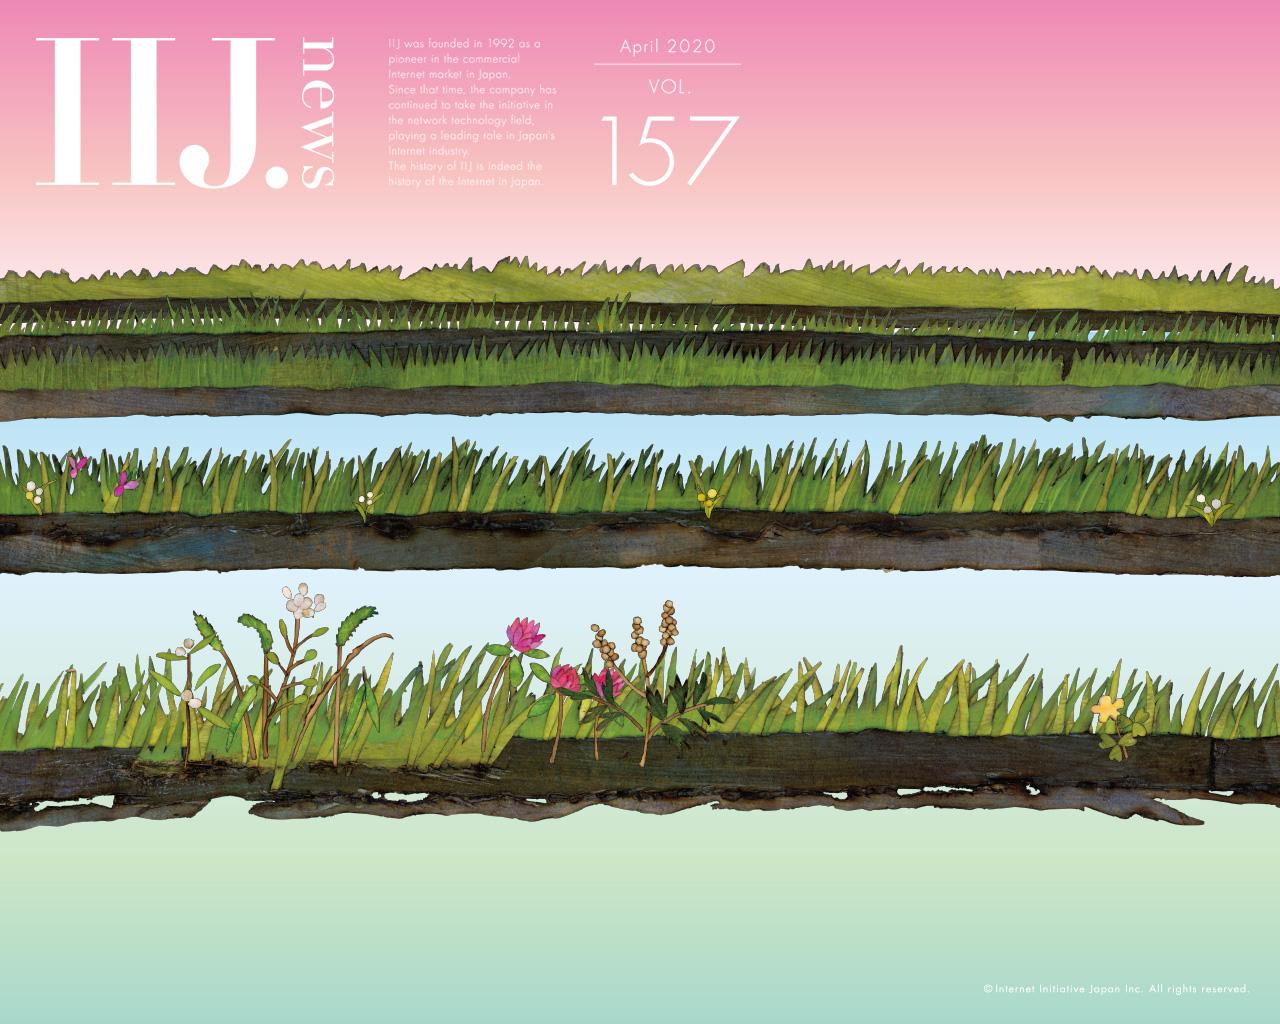 Iij News Vol 157 April 壁紙 1280x1024 壁紙ダウンロード 広報誌 Iij News Iij